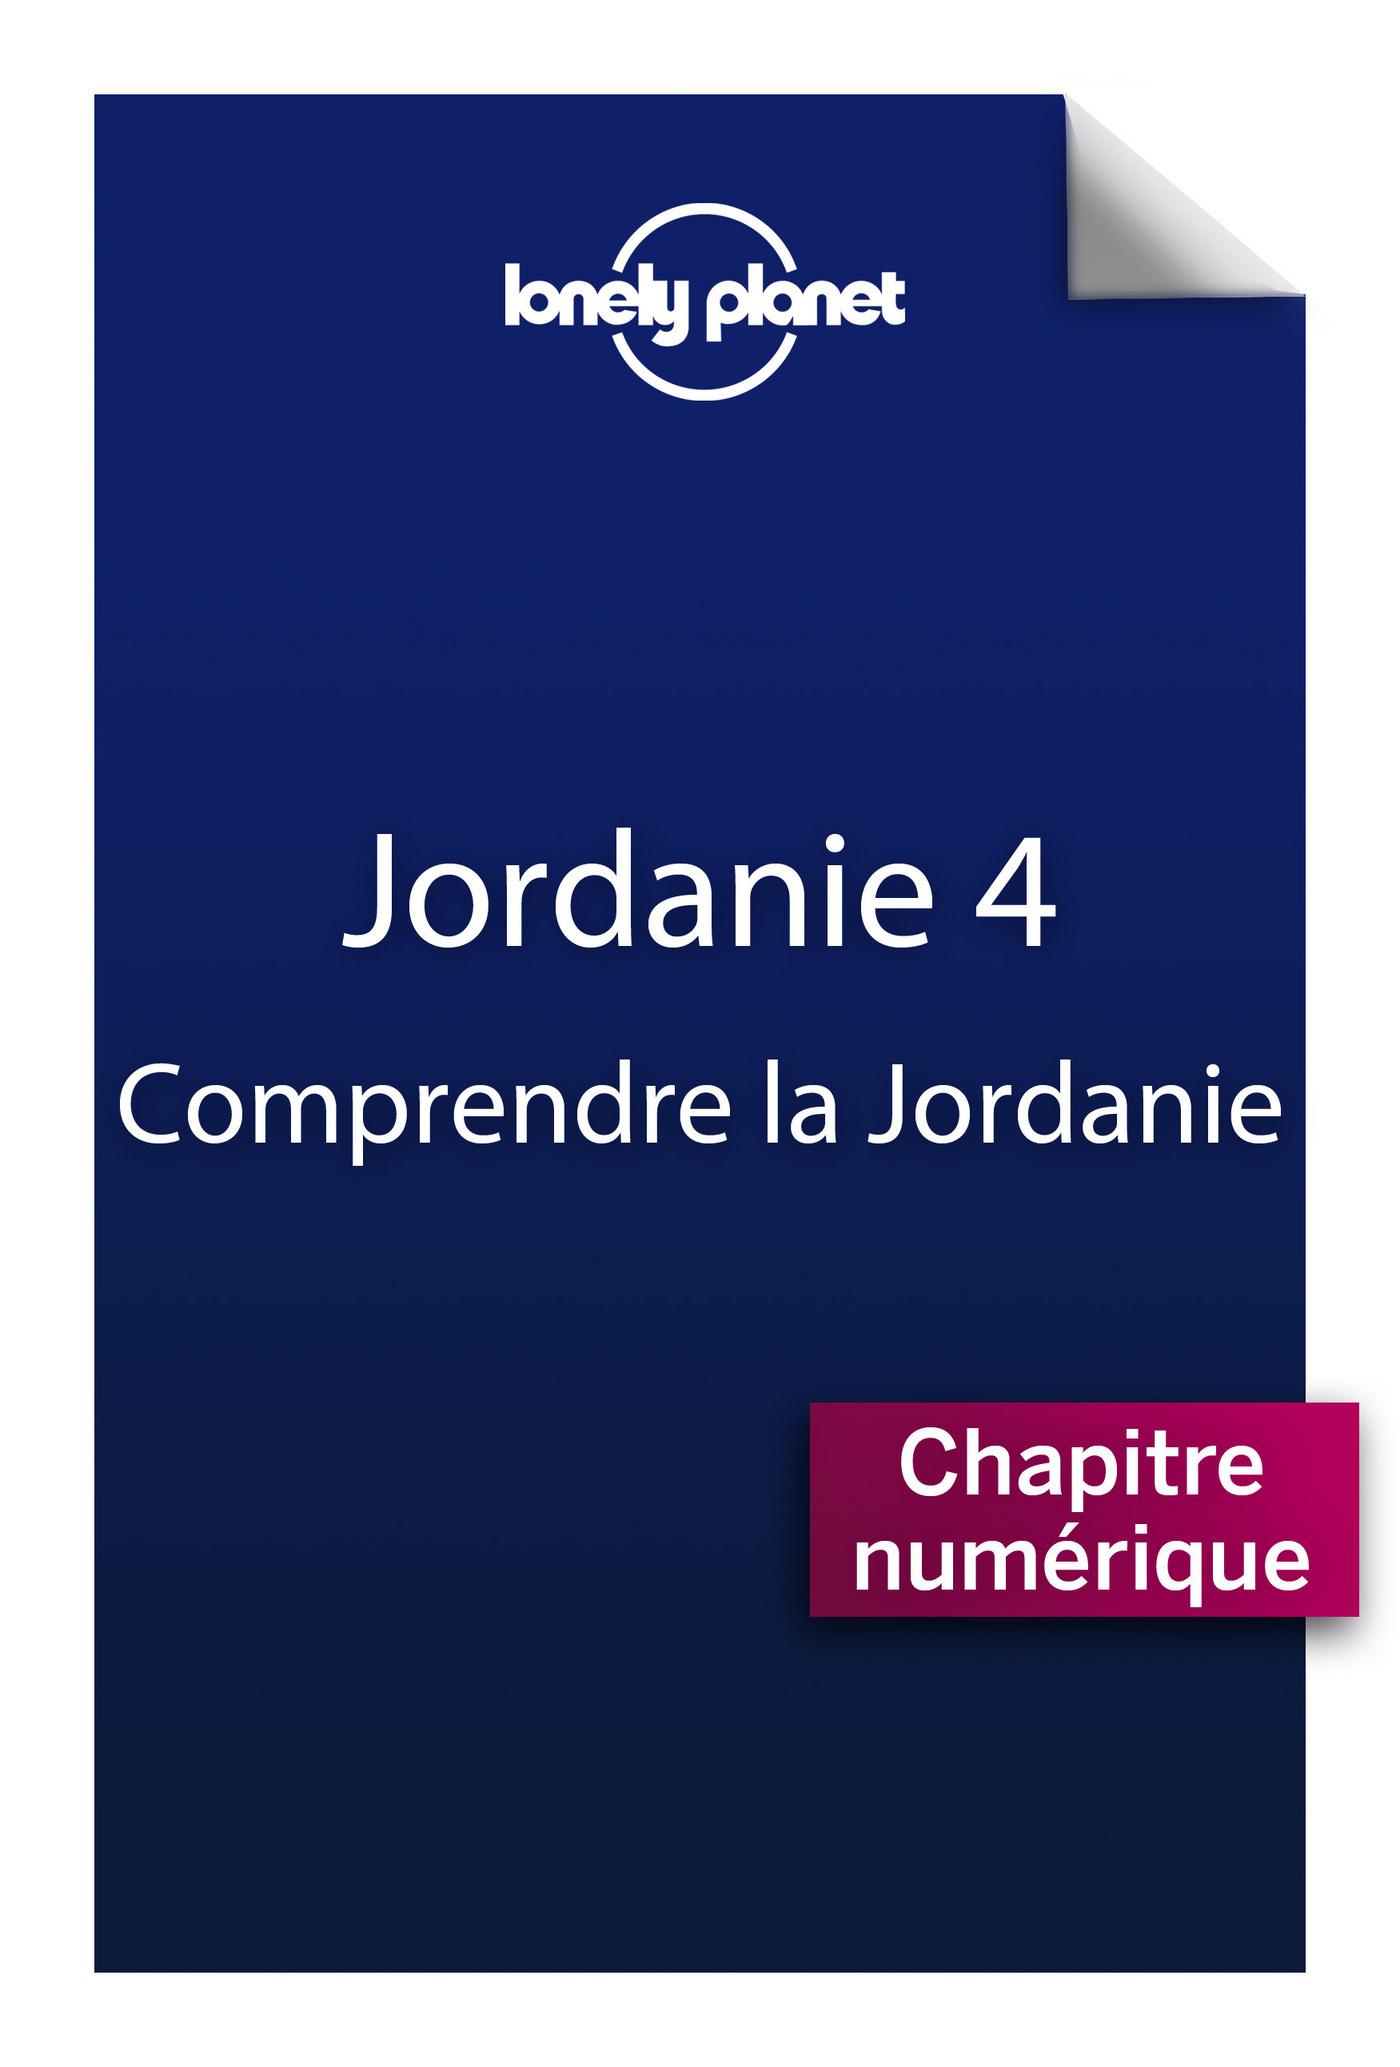 Jordanie 4 - Comprendre la Jordanie et Jordanie pratique